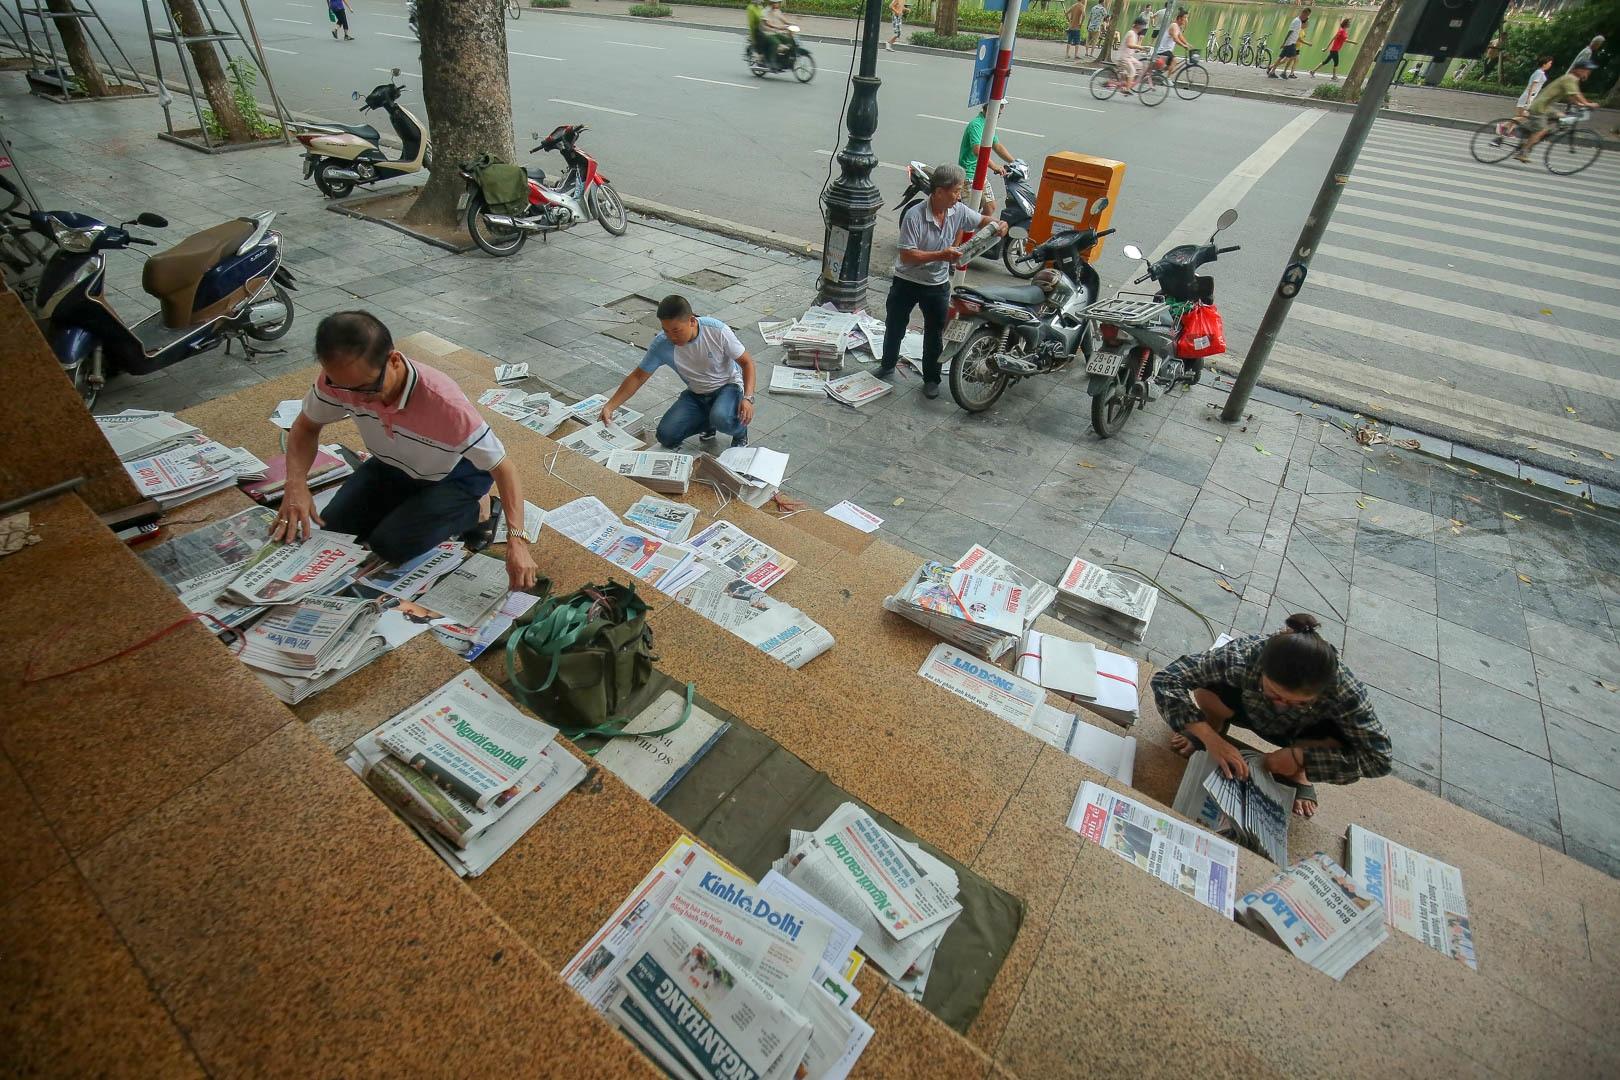 Những người phát hành báo giấy còn sót lại giữa thời đại 4.0 - 8